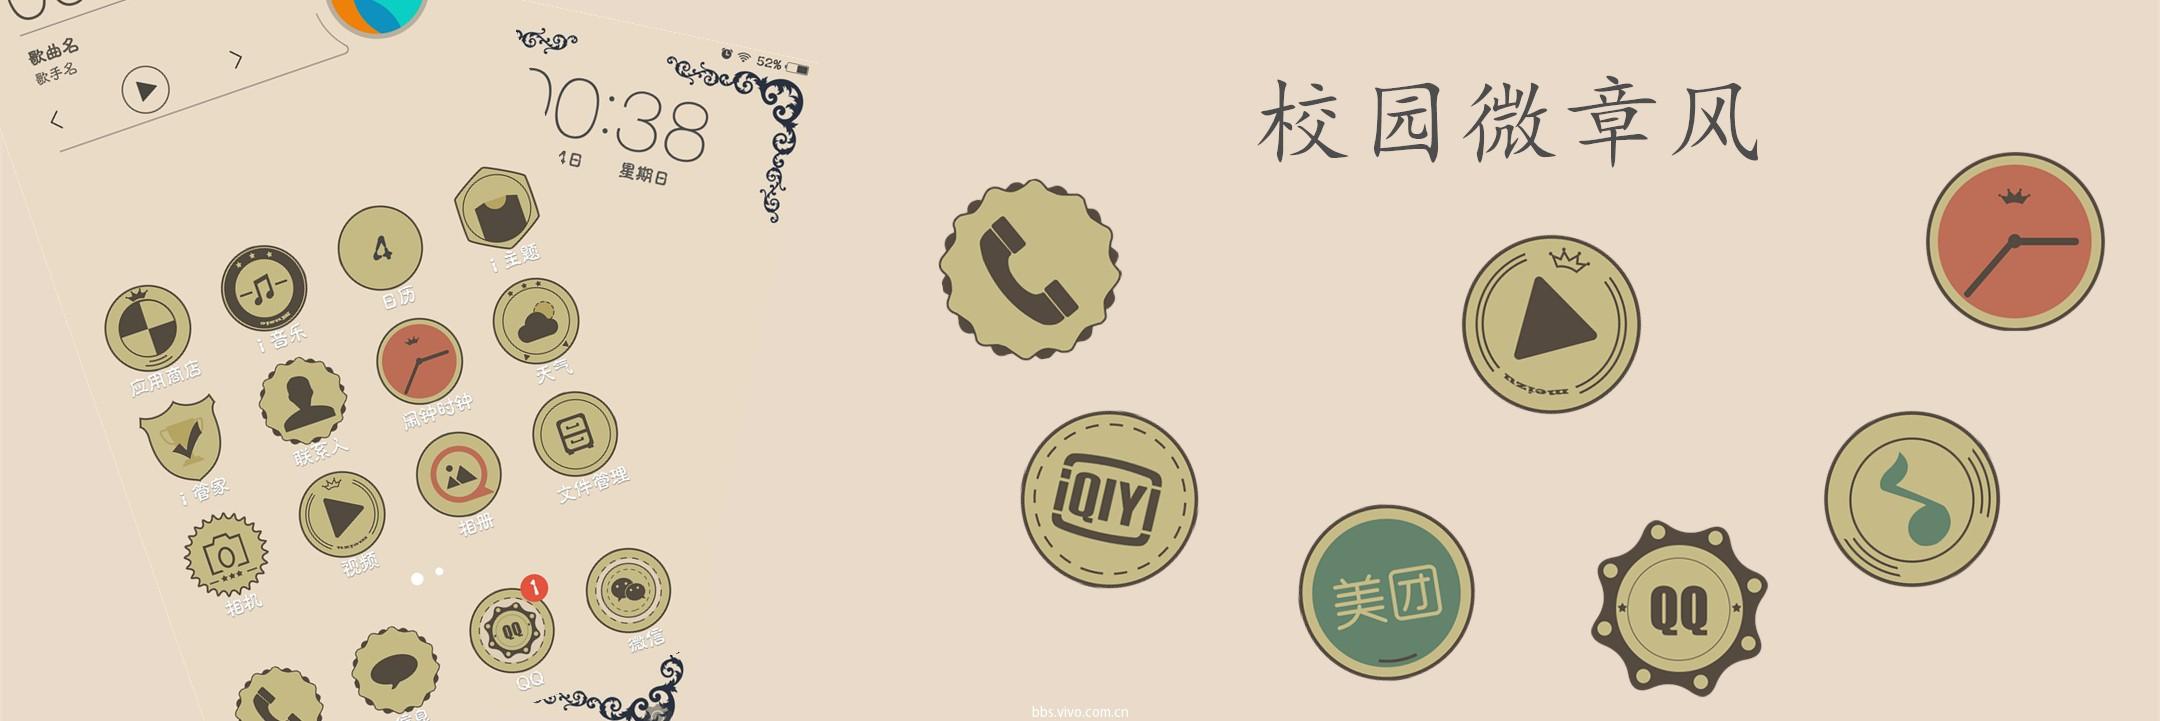 home_wallpaper_0_副本.jpg